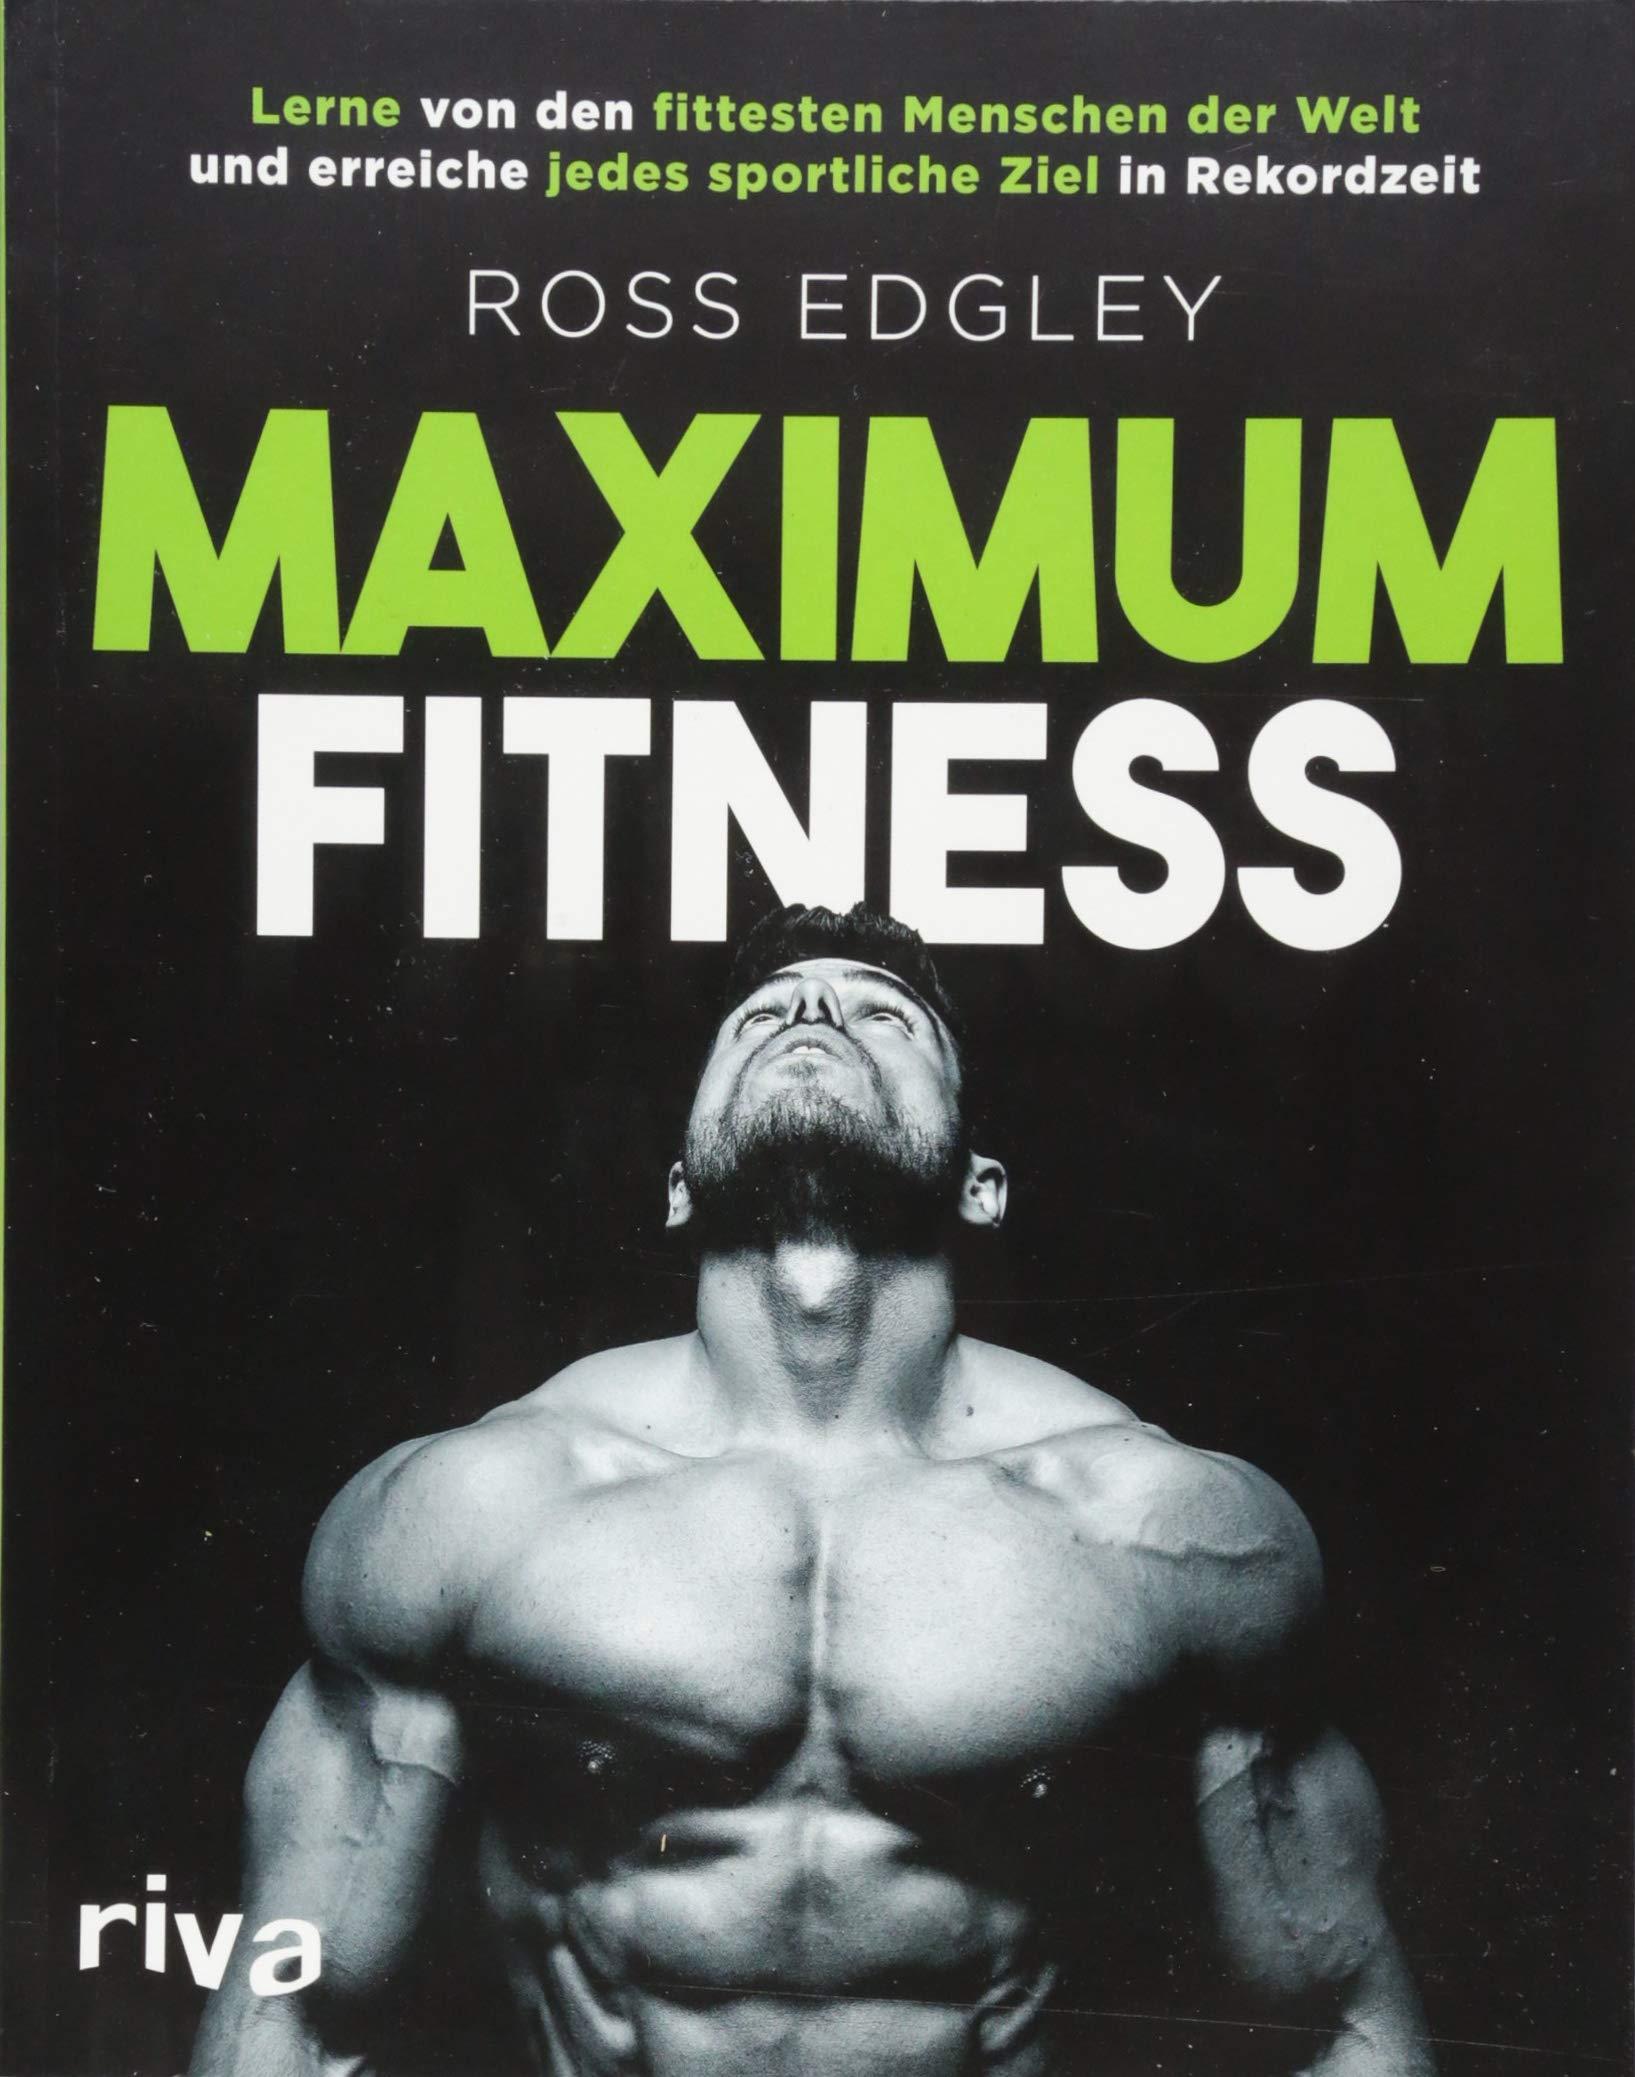 Maximum Fitness  Lerne Von Den Fittesten Menschen Der Welt Und Erreiche Jedes Sportliche Ziel In Rekordzeit